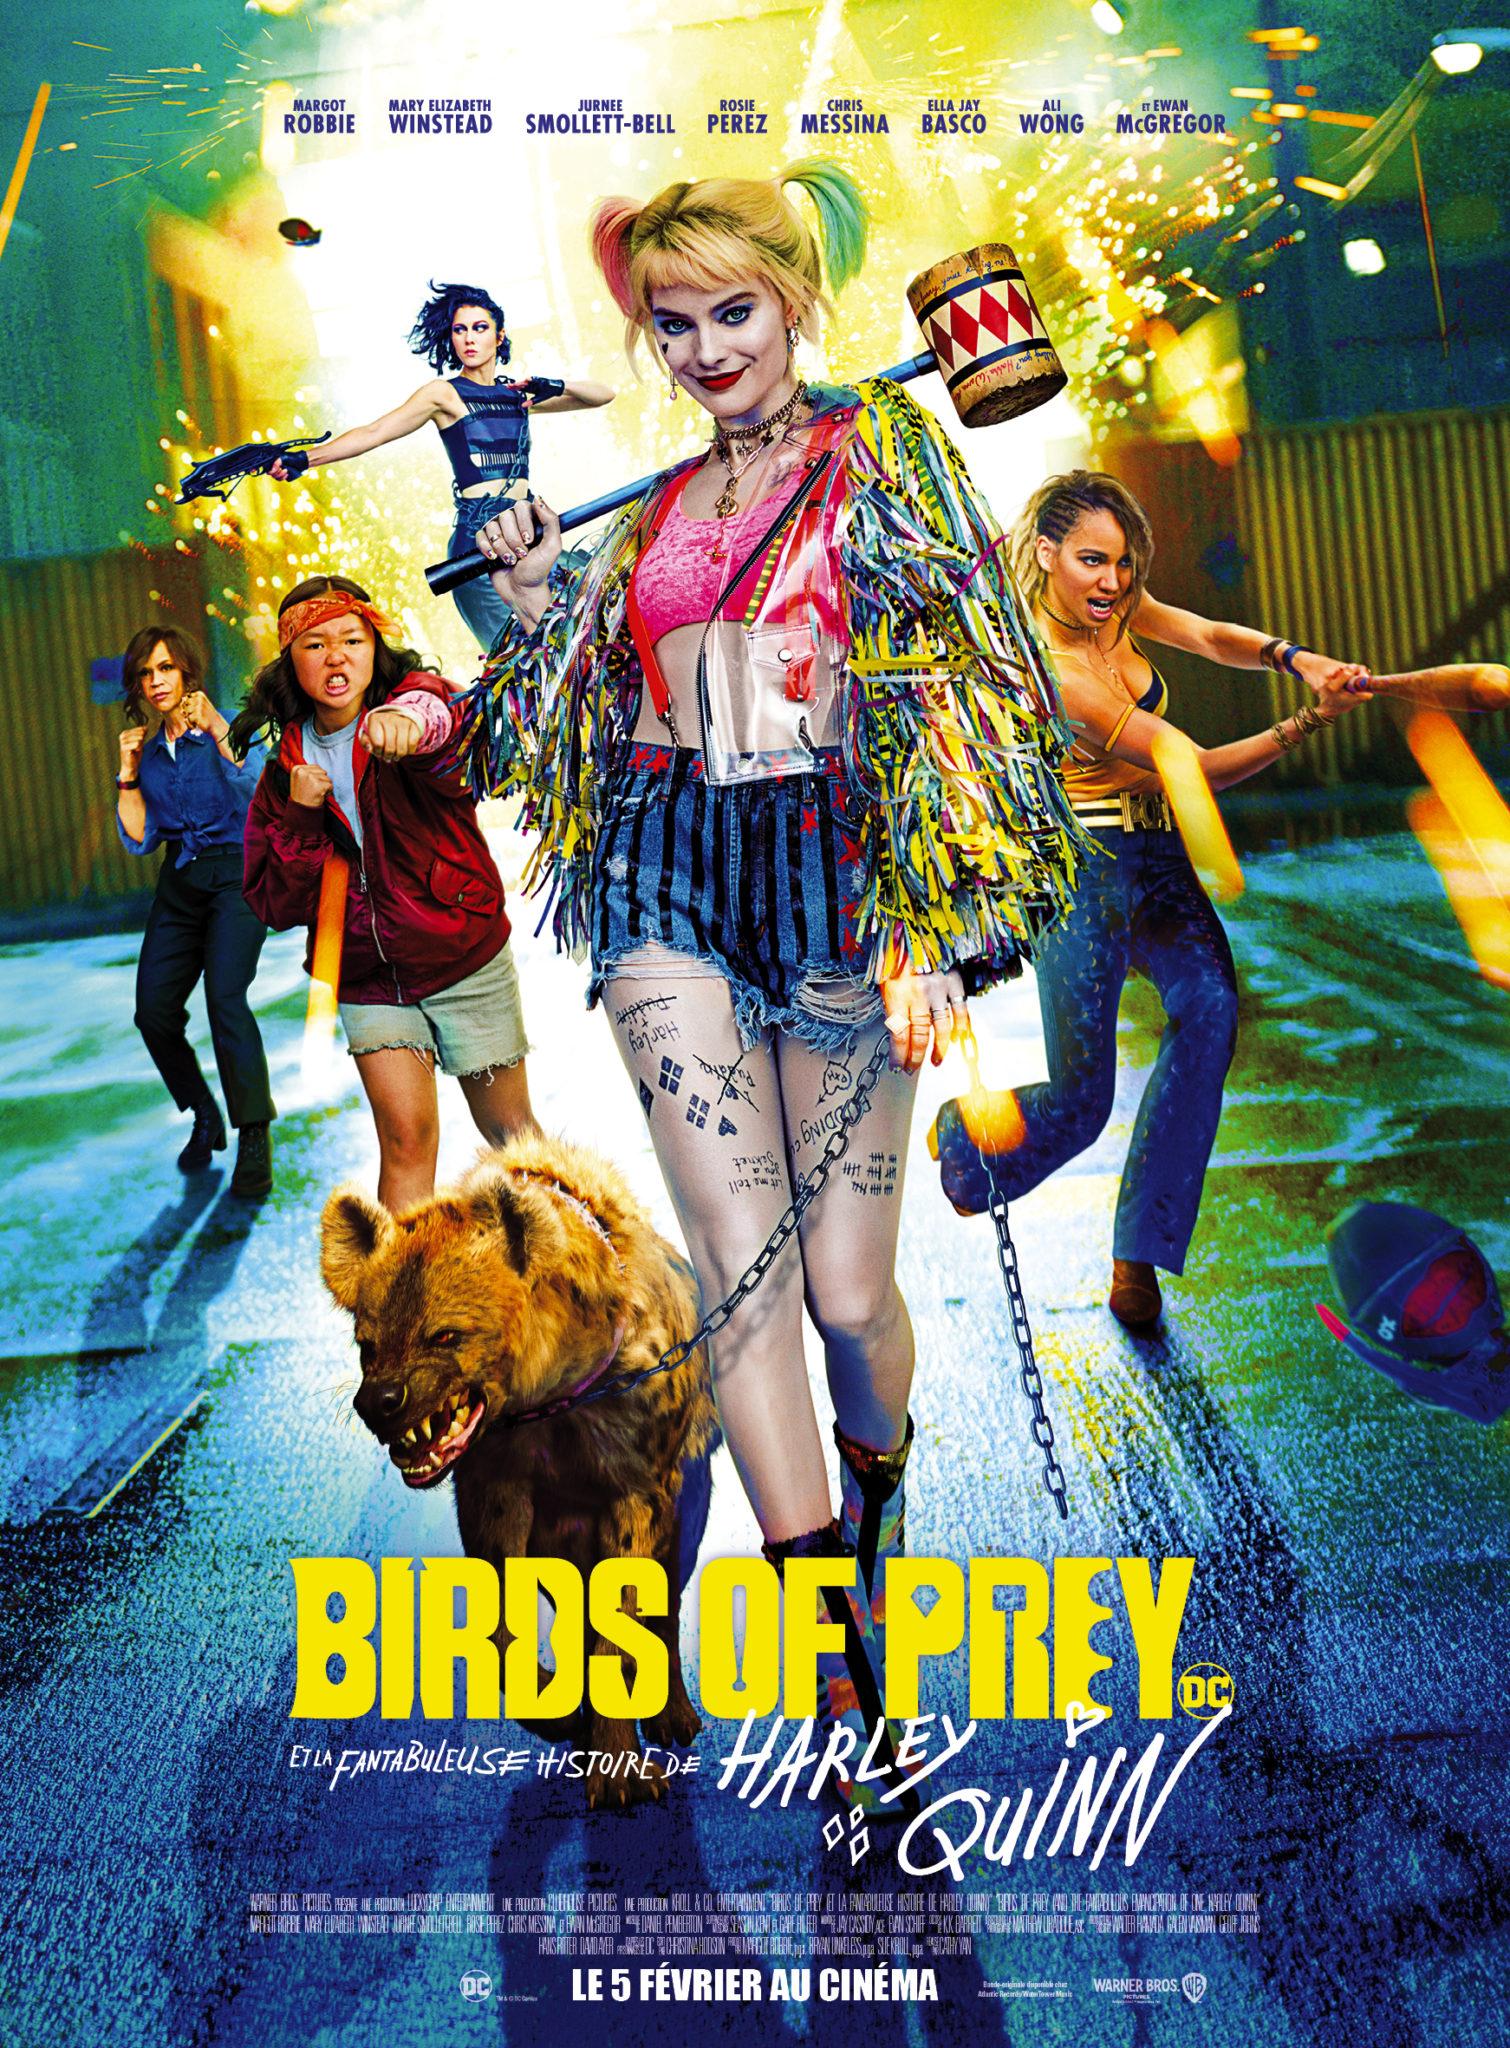 Birds of Prey critique avis film 2020